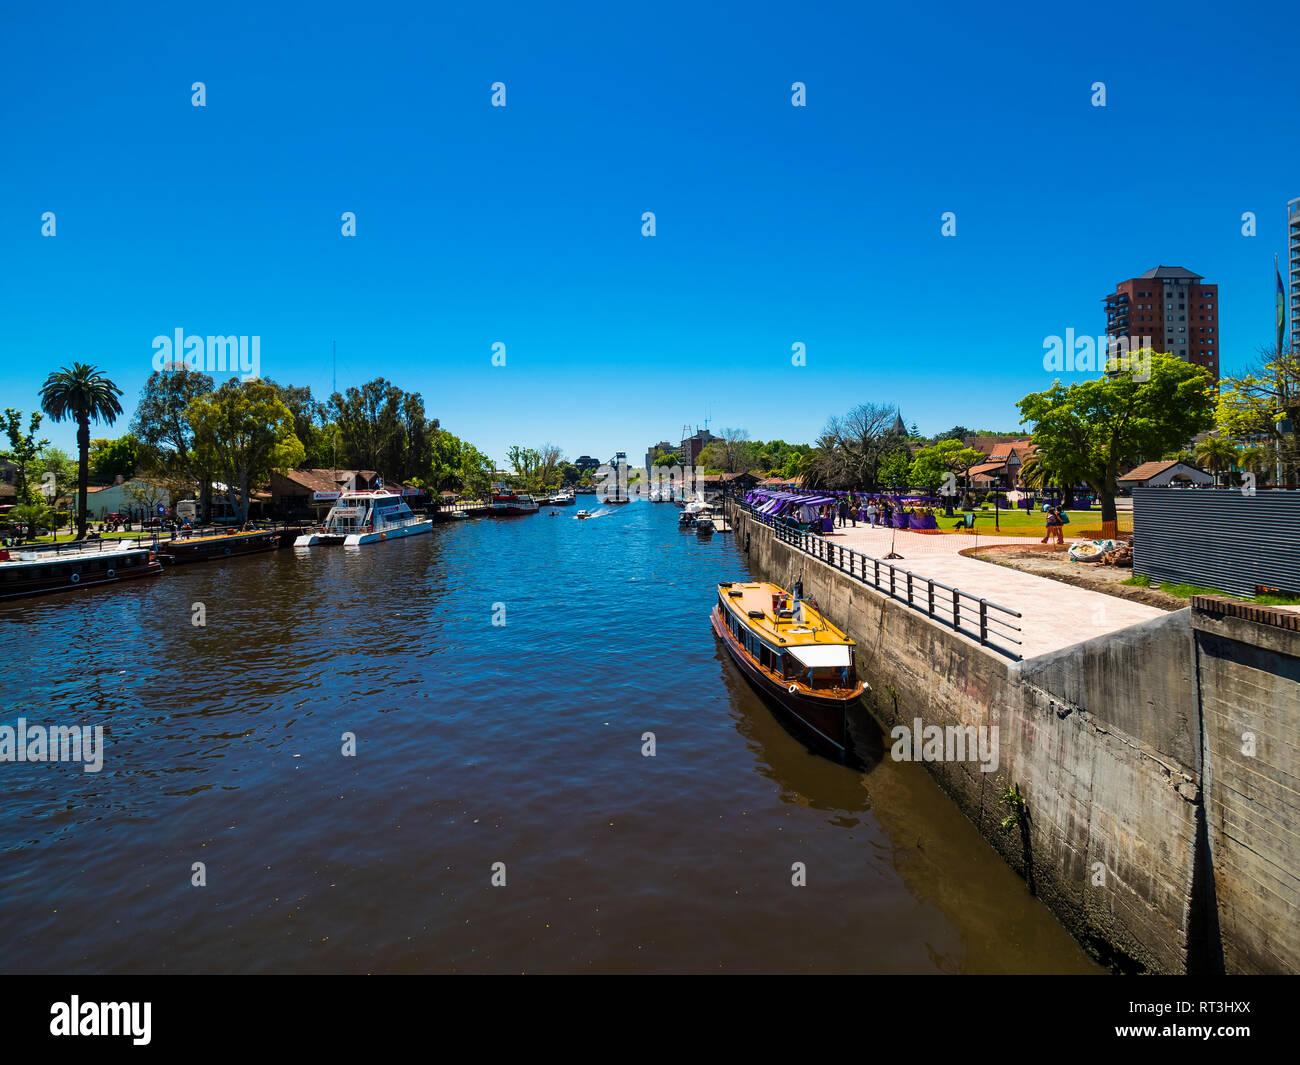 Argentinien, Buenos Aires, Tigre , Paraná-Delta, Biosphärenreservat der UNESCO, Kanal mit Handels- und Touristenbooten - Stock Image